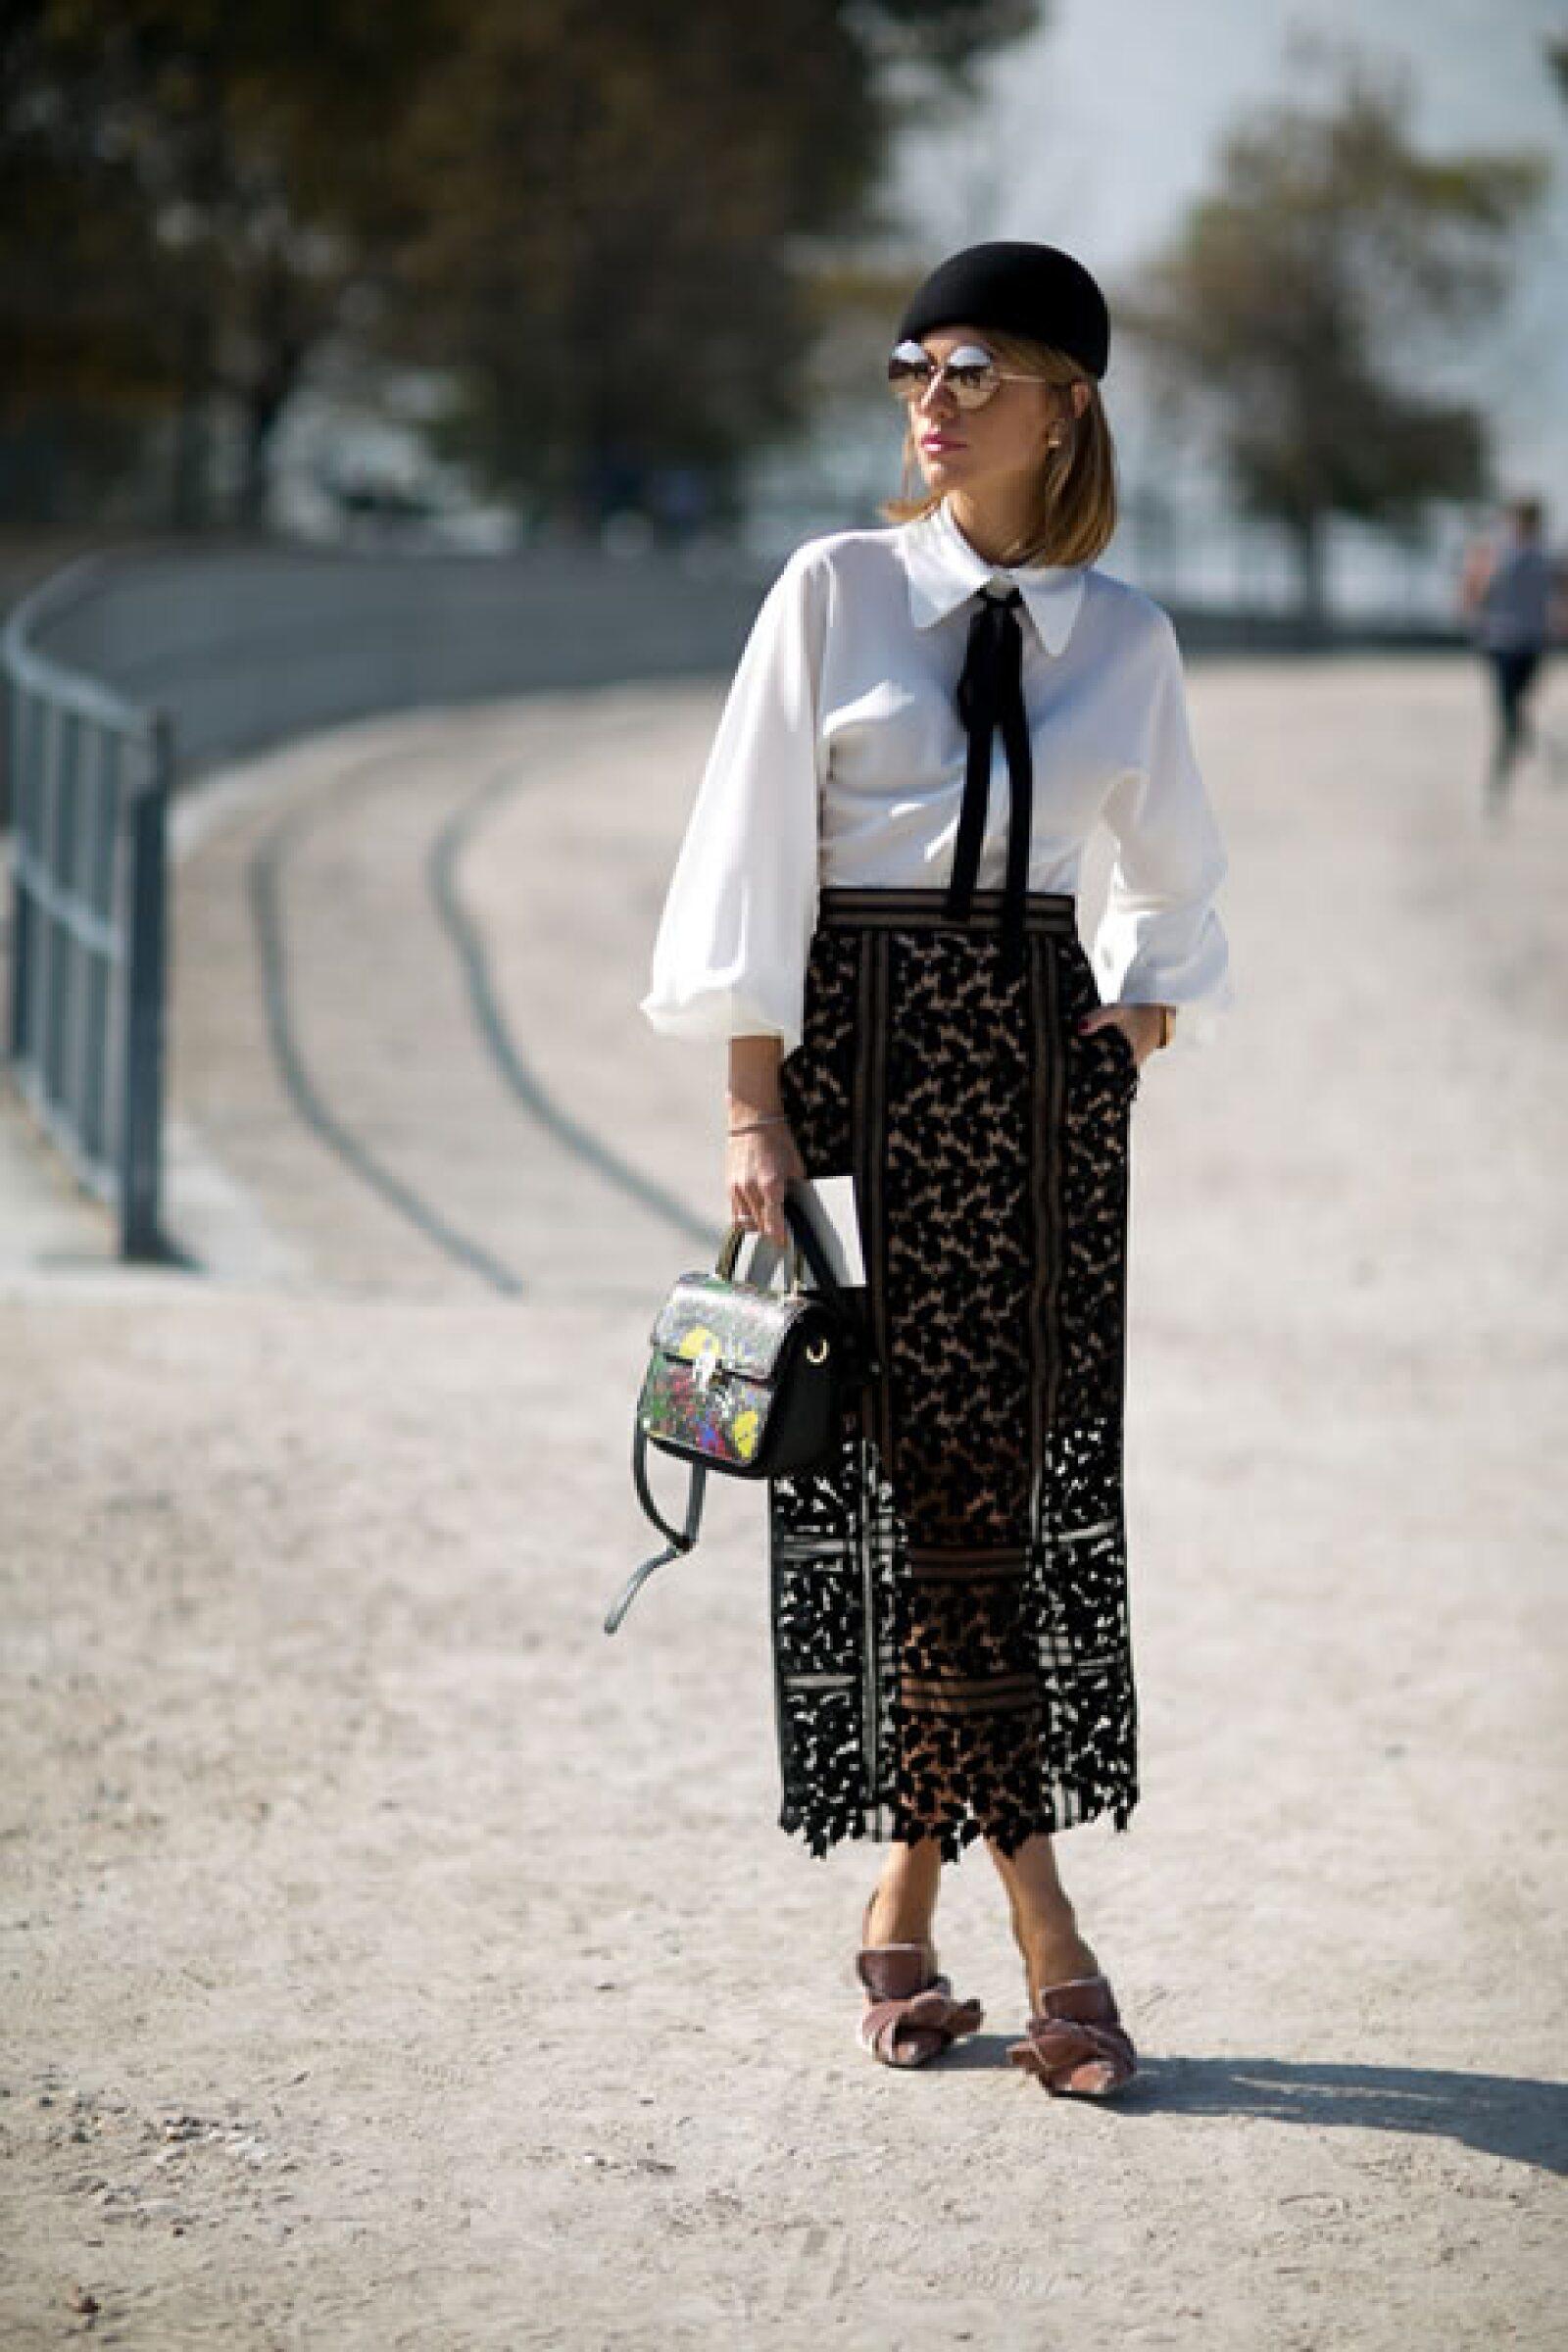 El look parisino perfecto se conforma de prendas clásicas con un twist moderno.